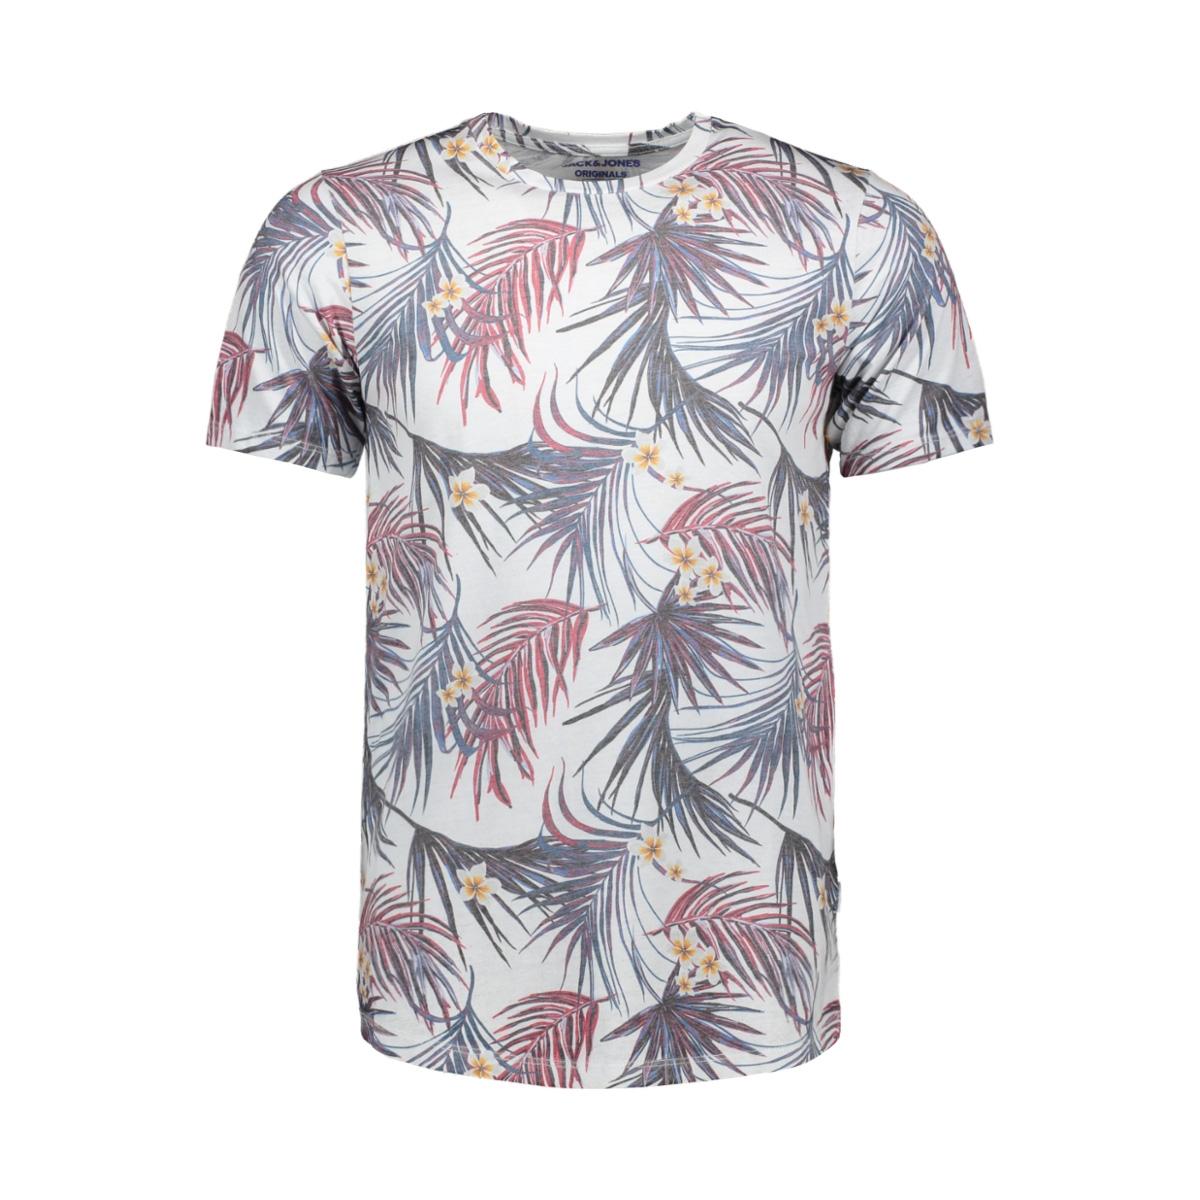 jorzeq tee ss crew neck 12155556 jack & jones t-shirt cloud dancer/slim